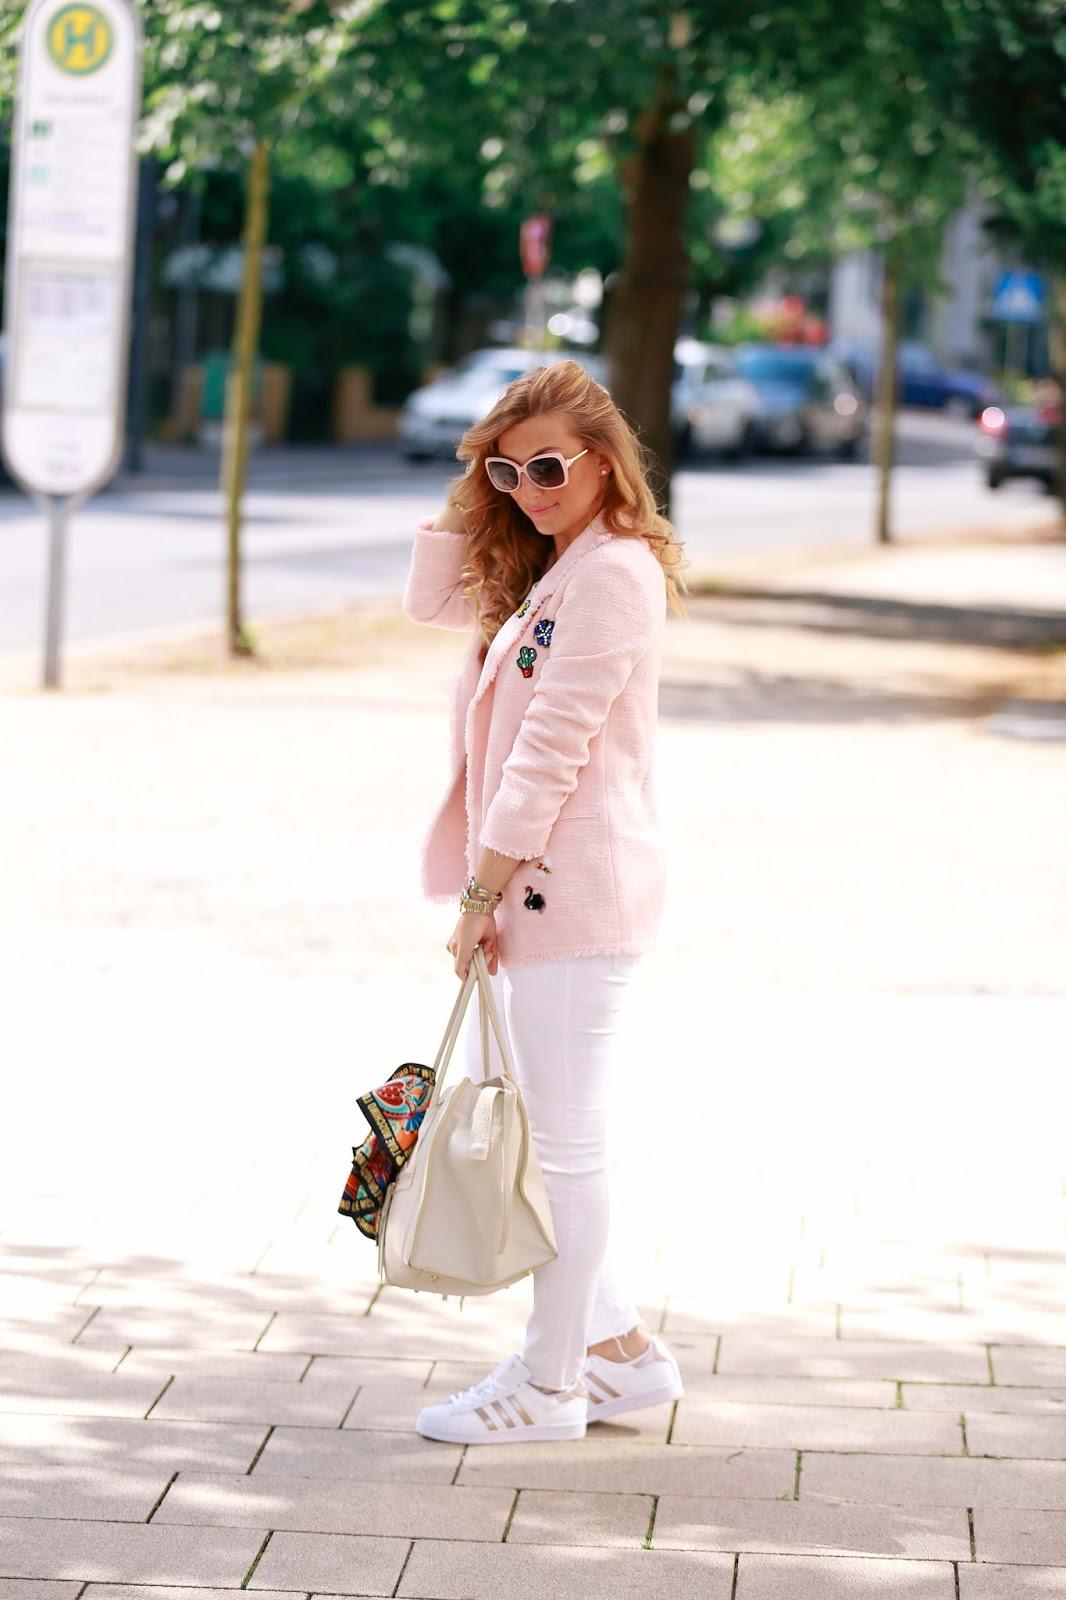 coco-chanel-fashionstylebyjohanna-blogger-aus-deutschland-german-fashionblogger